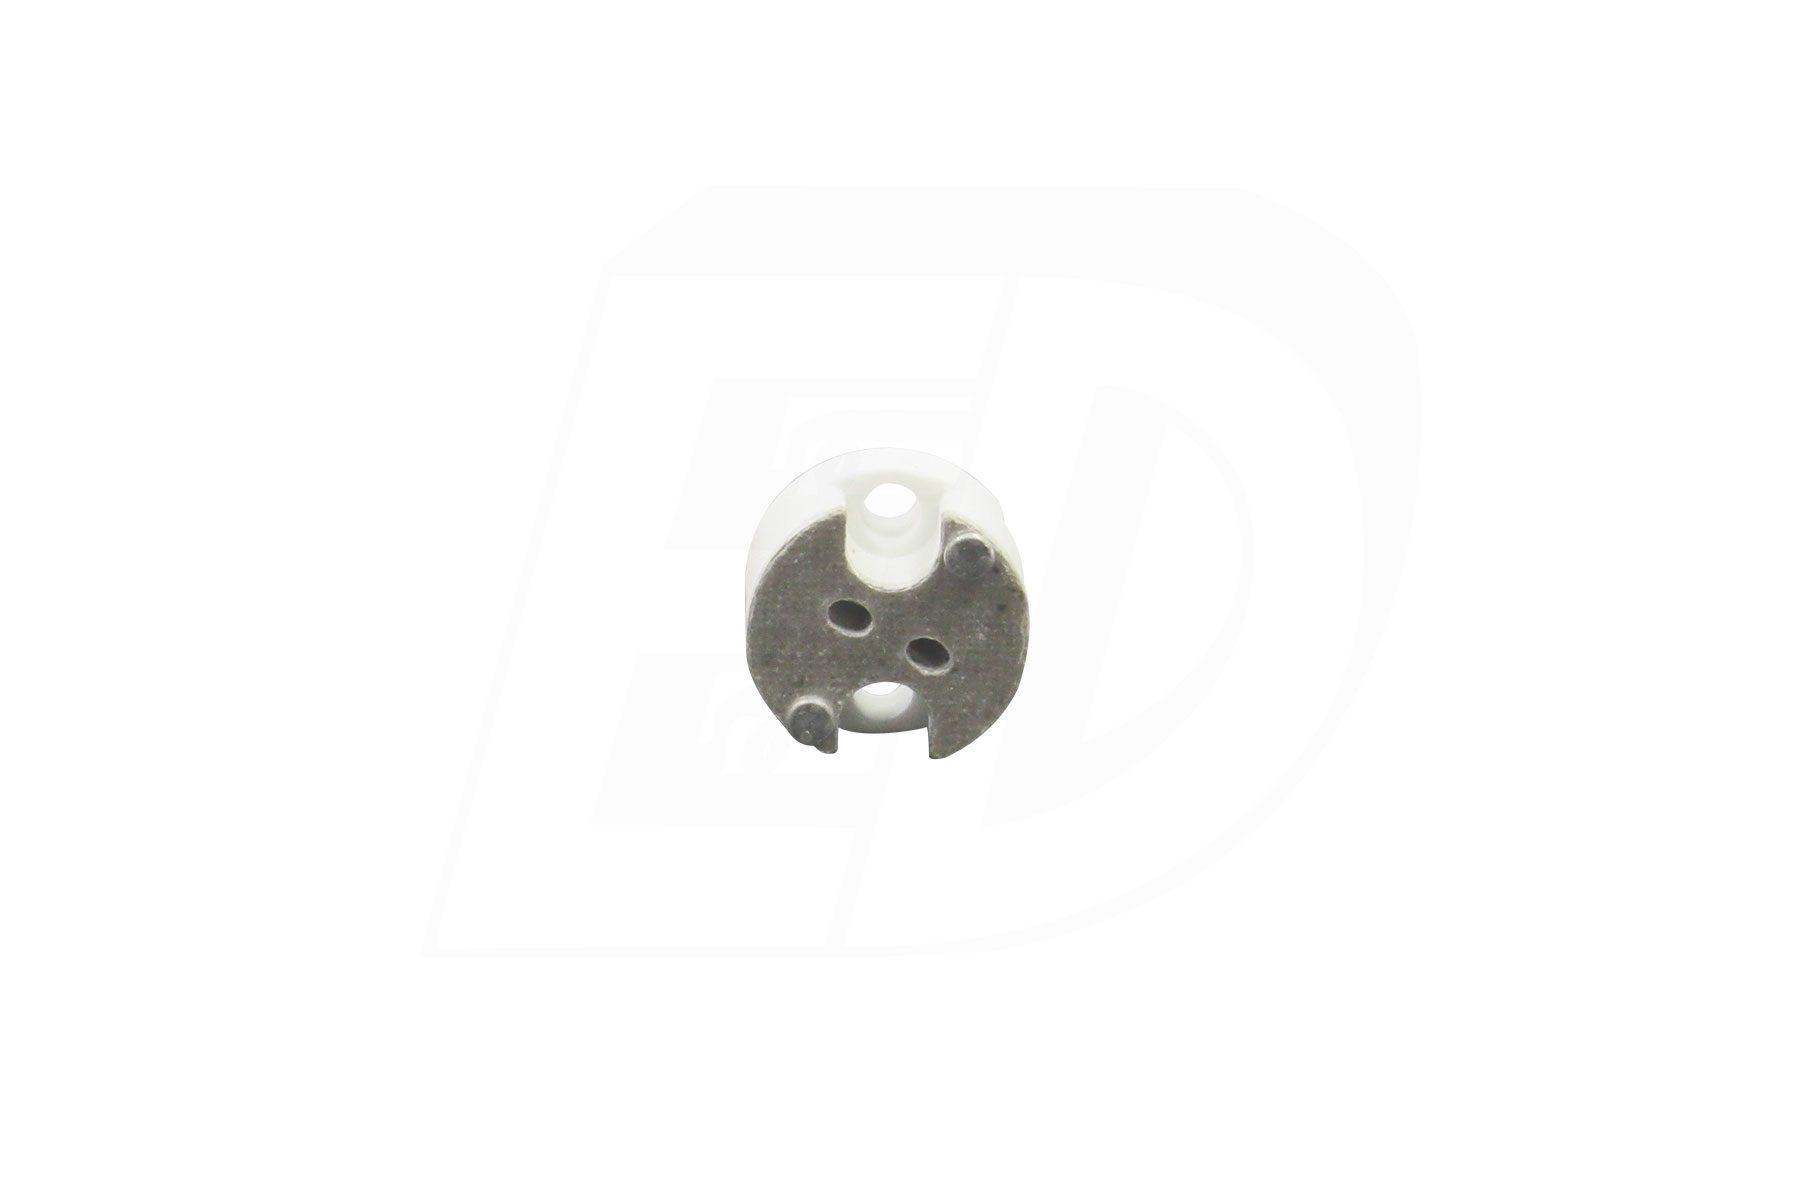 GX5 Halogen Light Socket